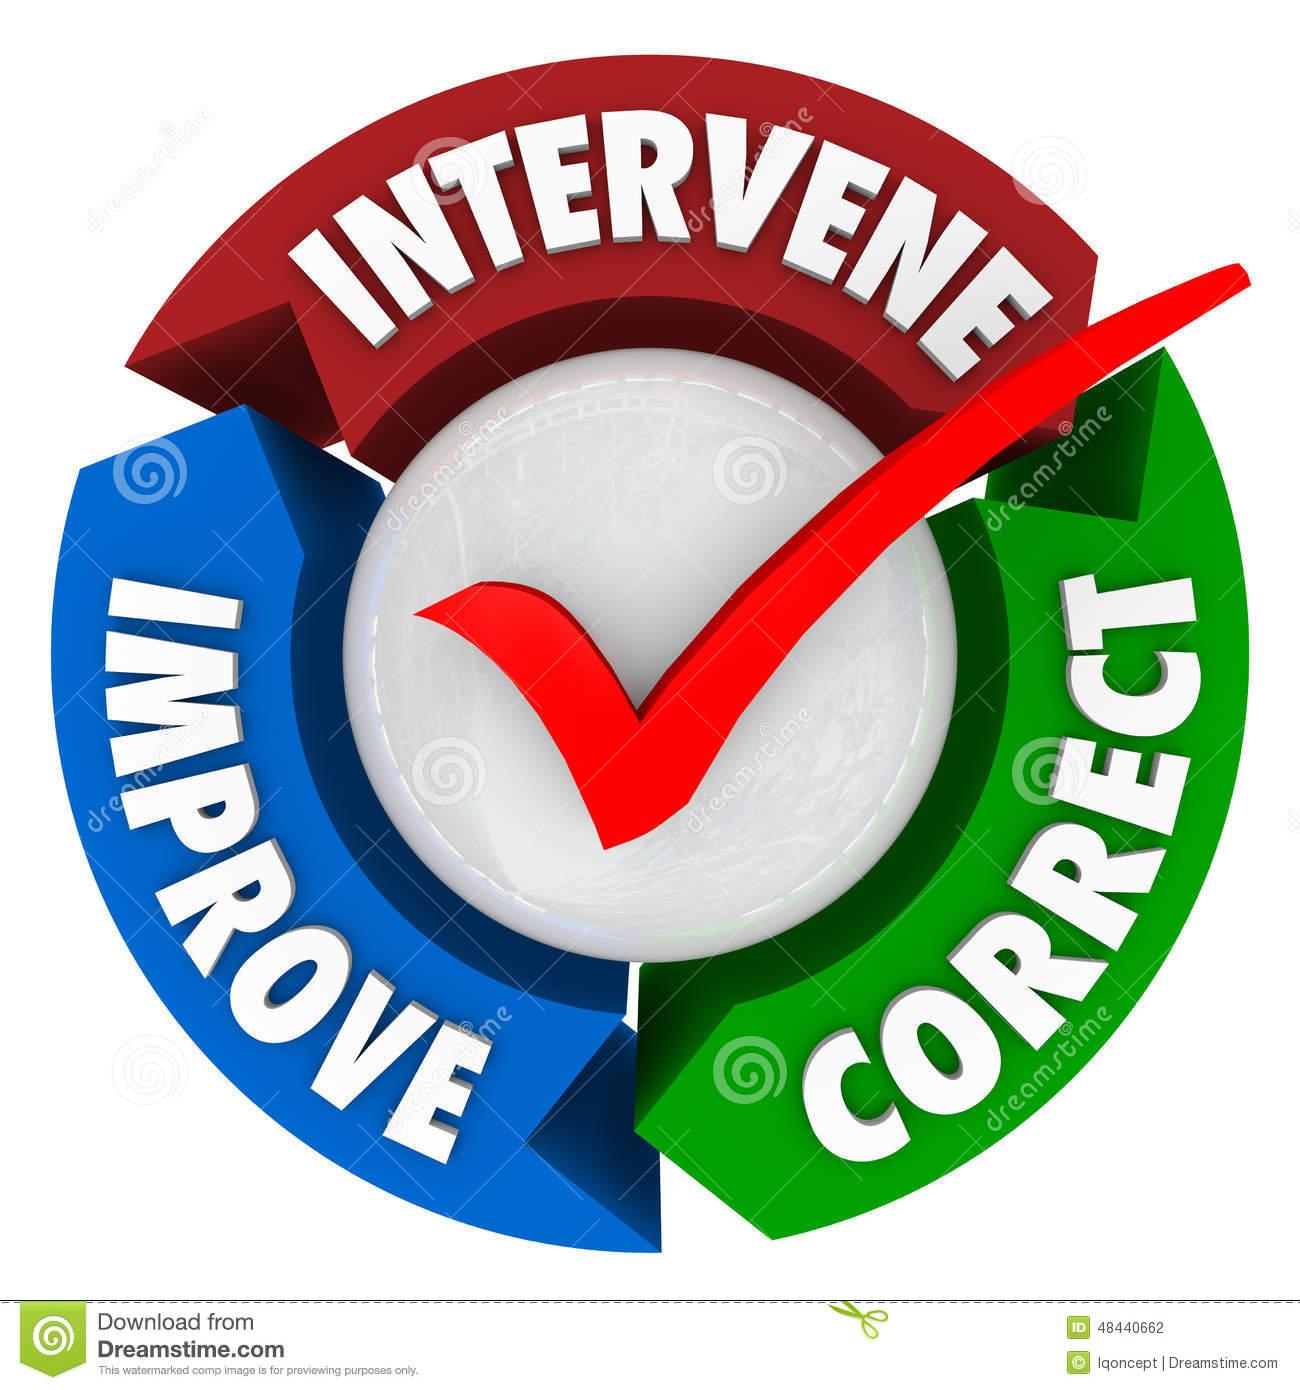 foto de Intervene Correct And Improve Words On A Circular Diagram